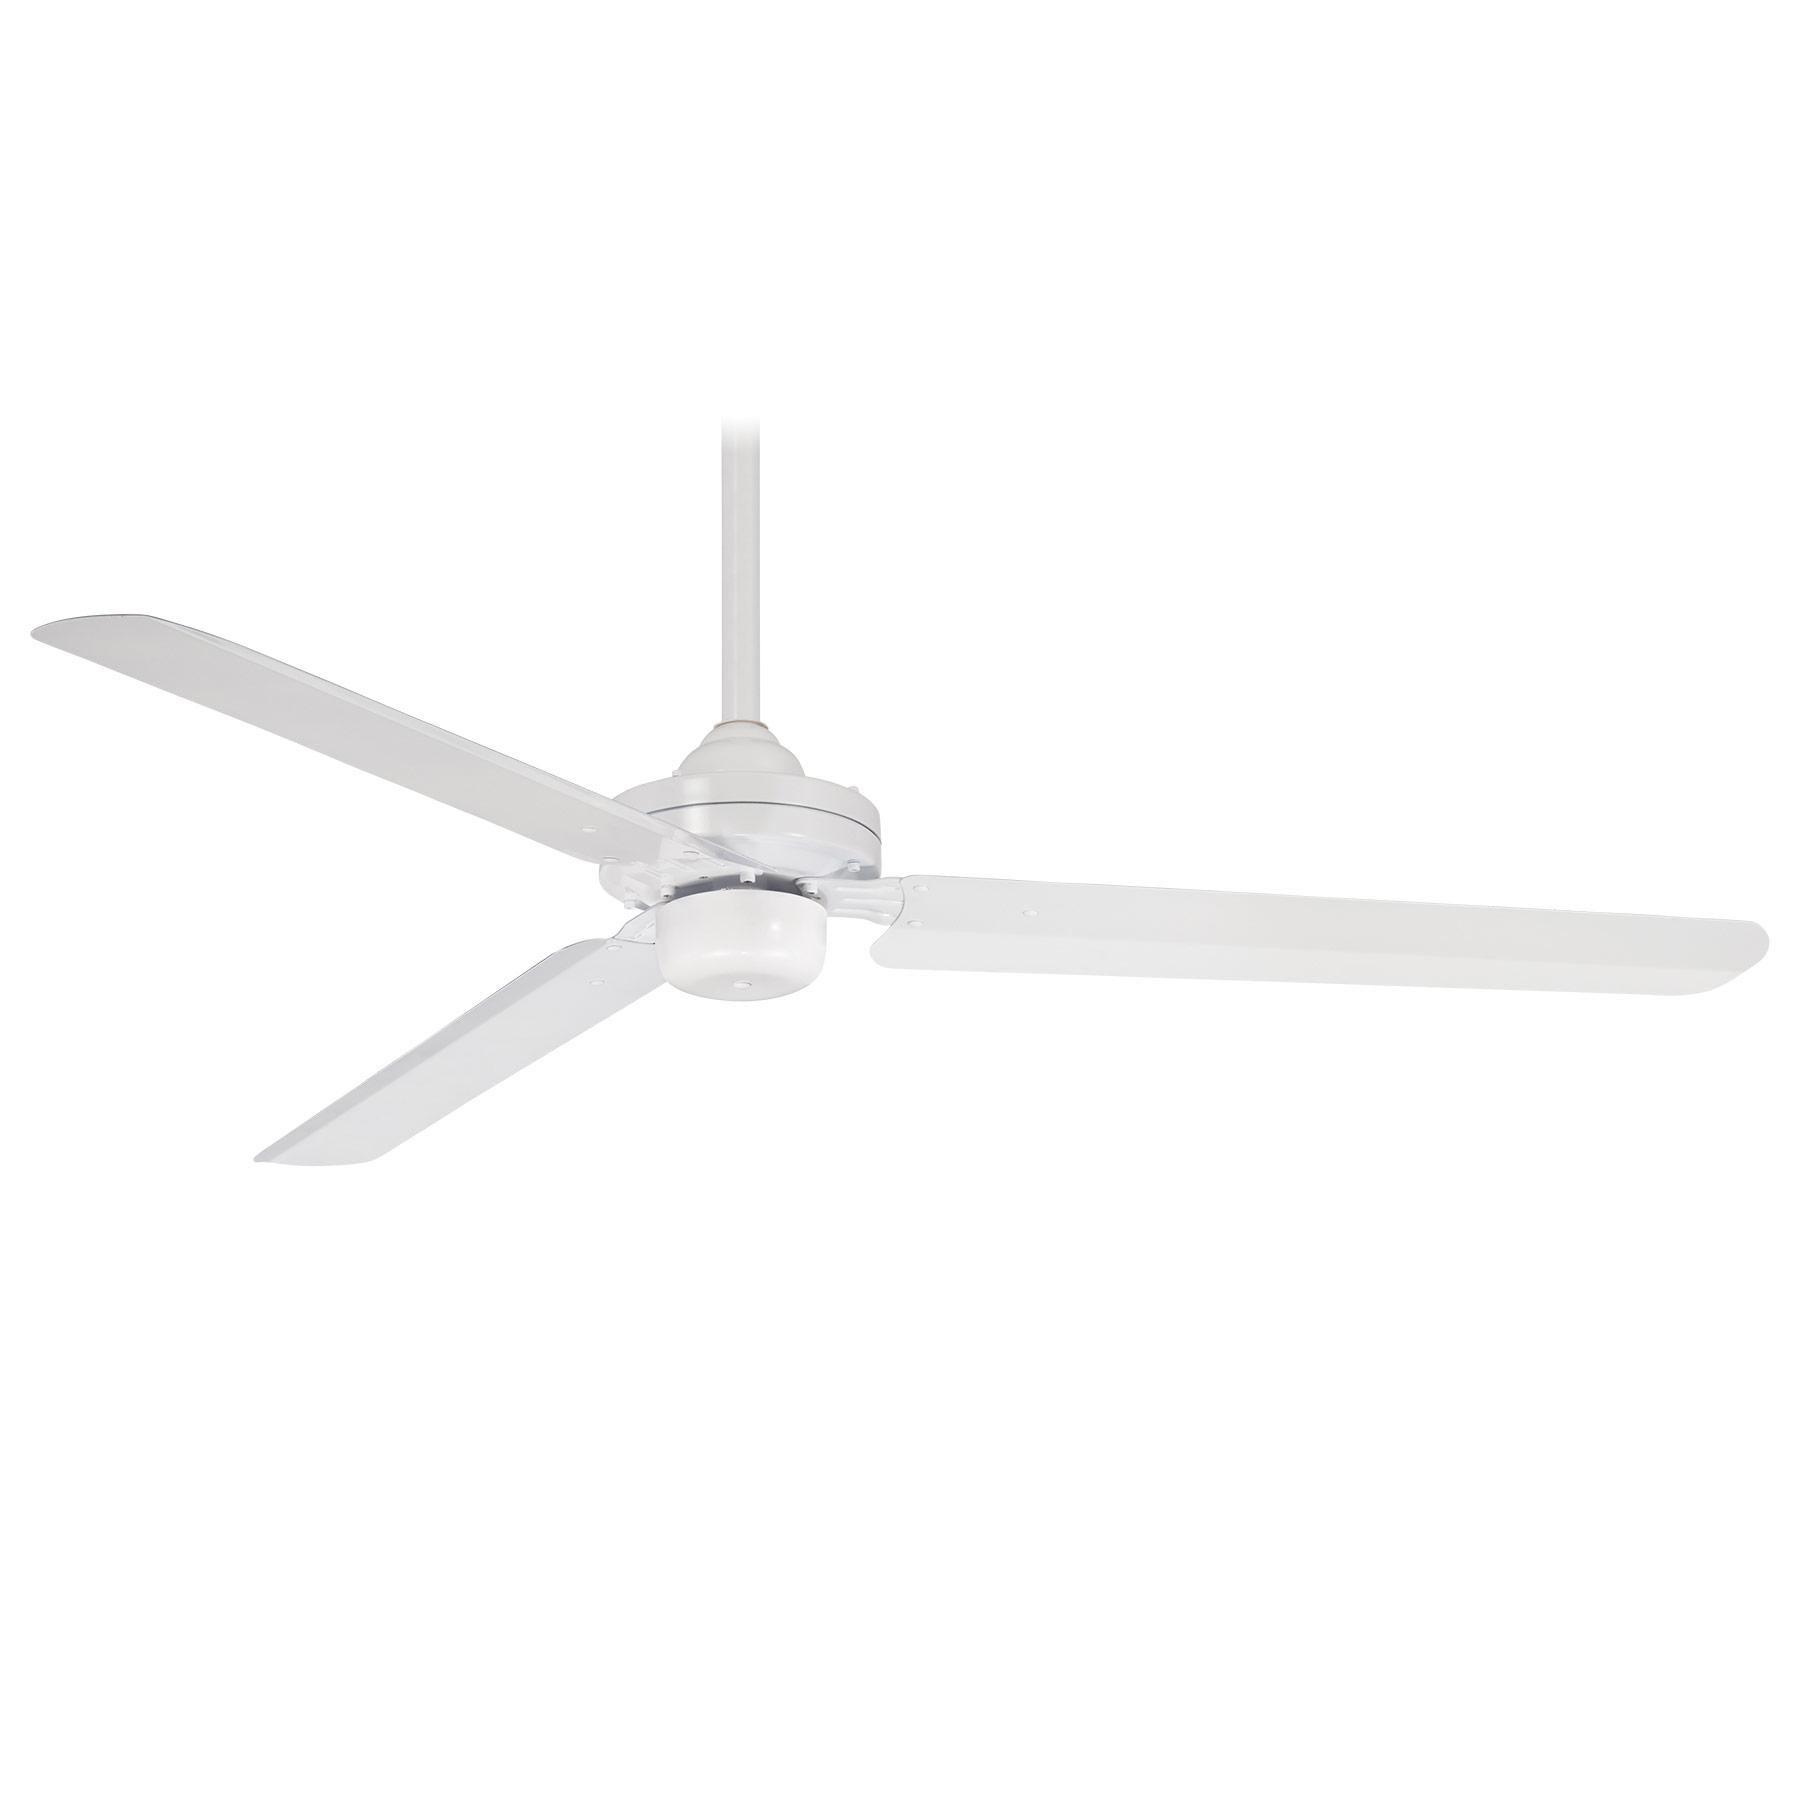 Turbine ceiling fan best image ficcio steal ceiling fan by minka aire f729 whf aloadofball Choice Image